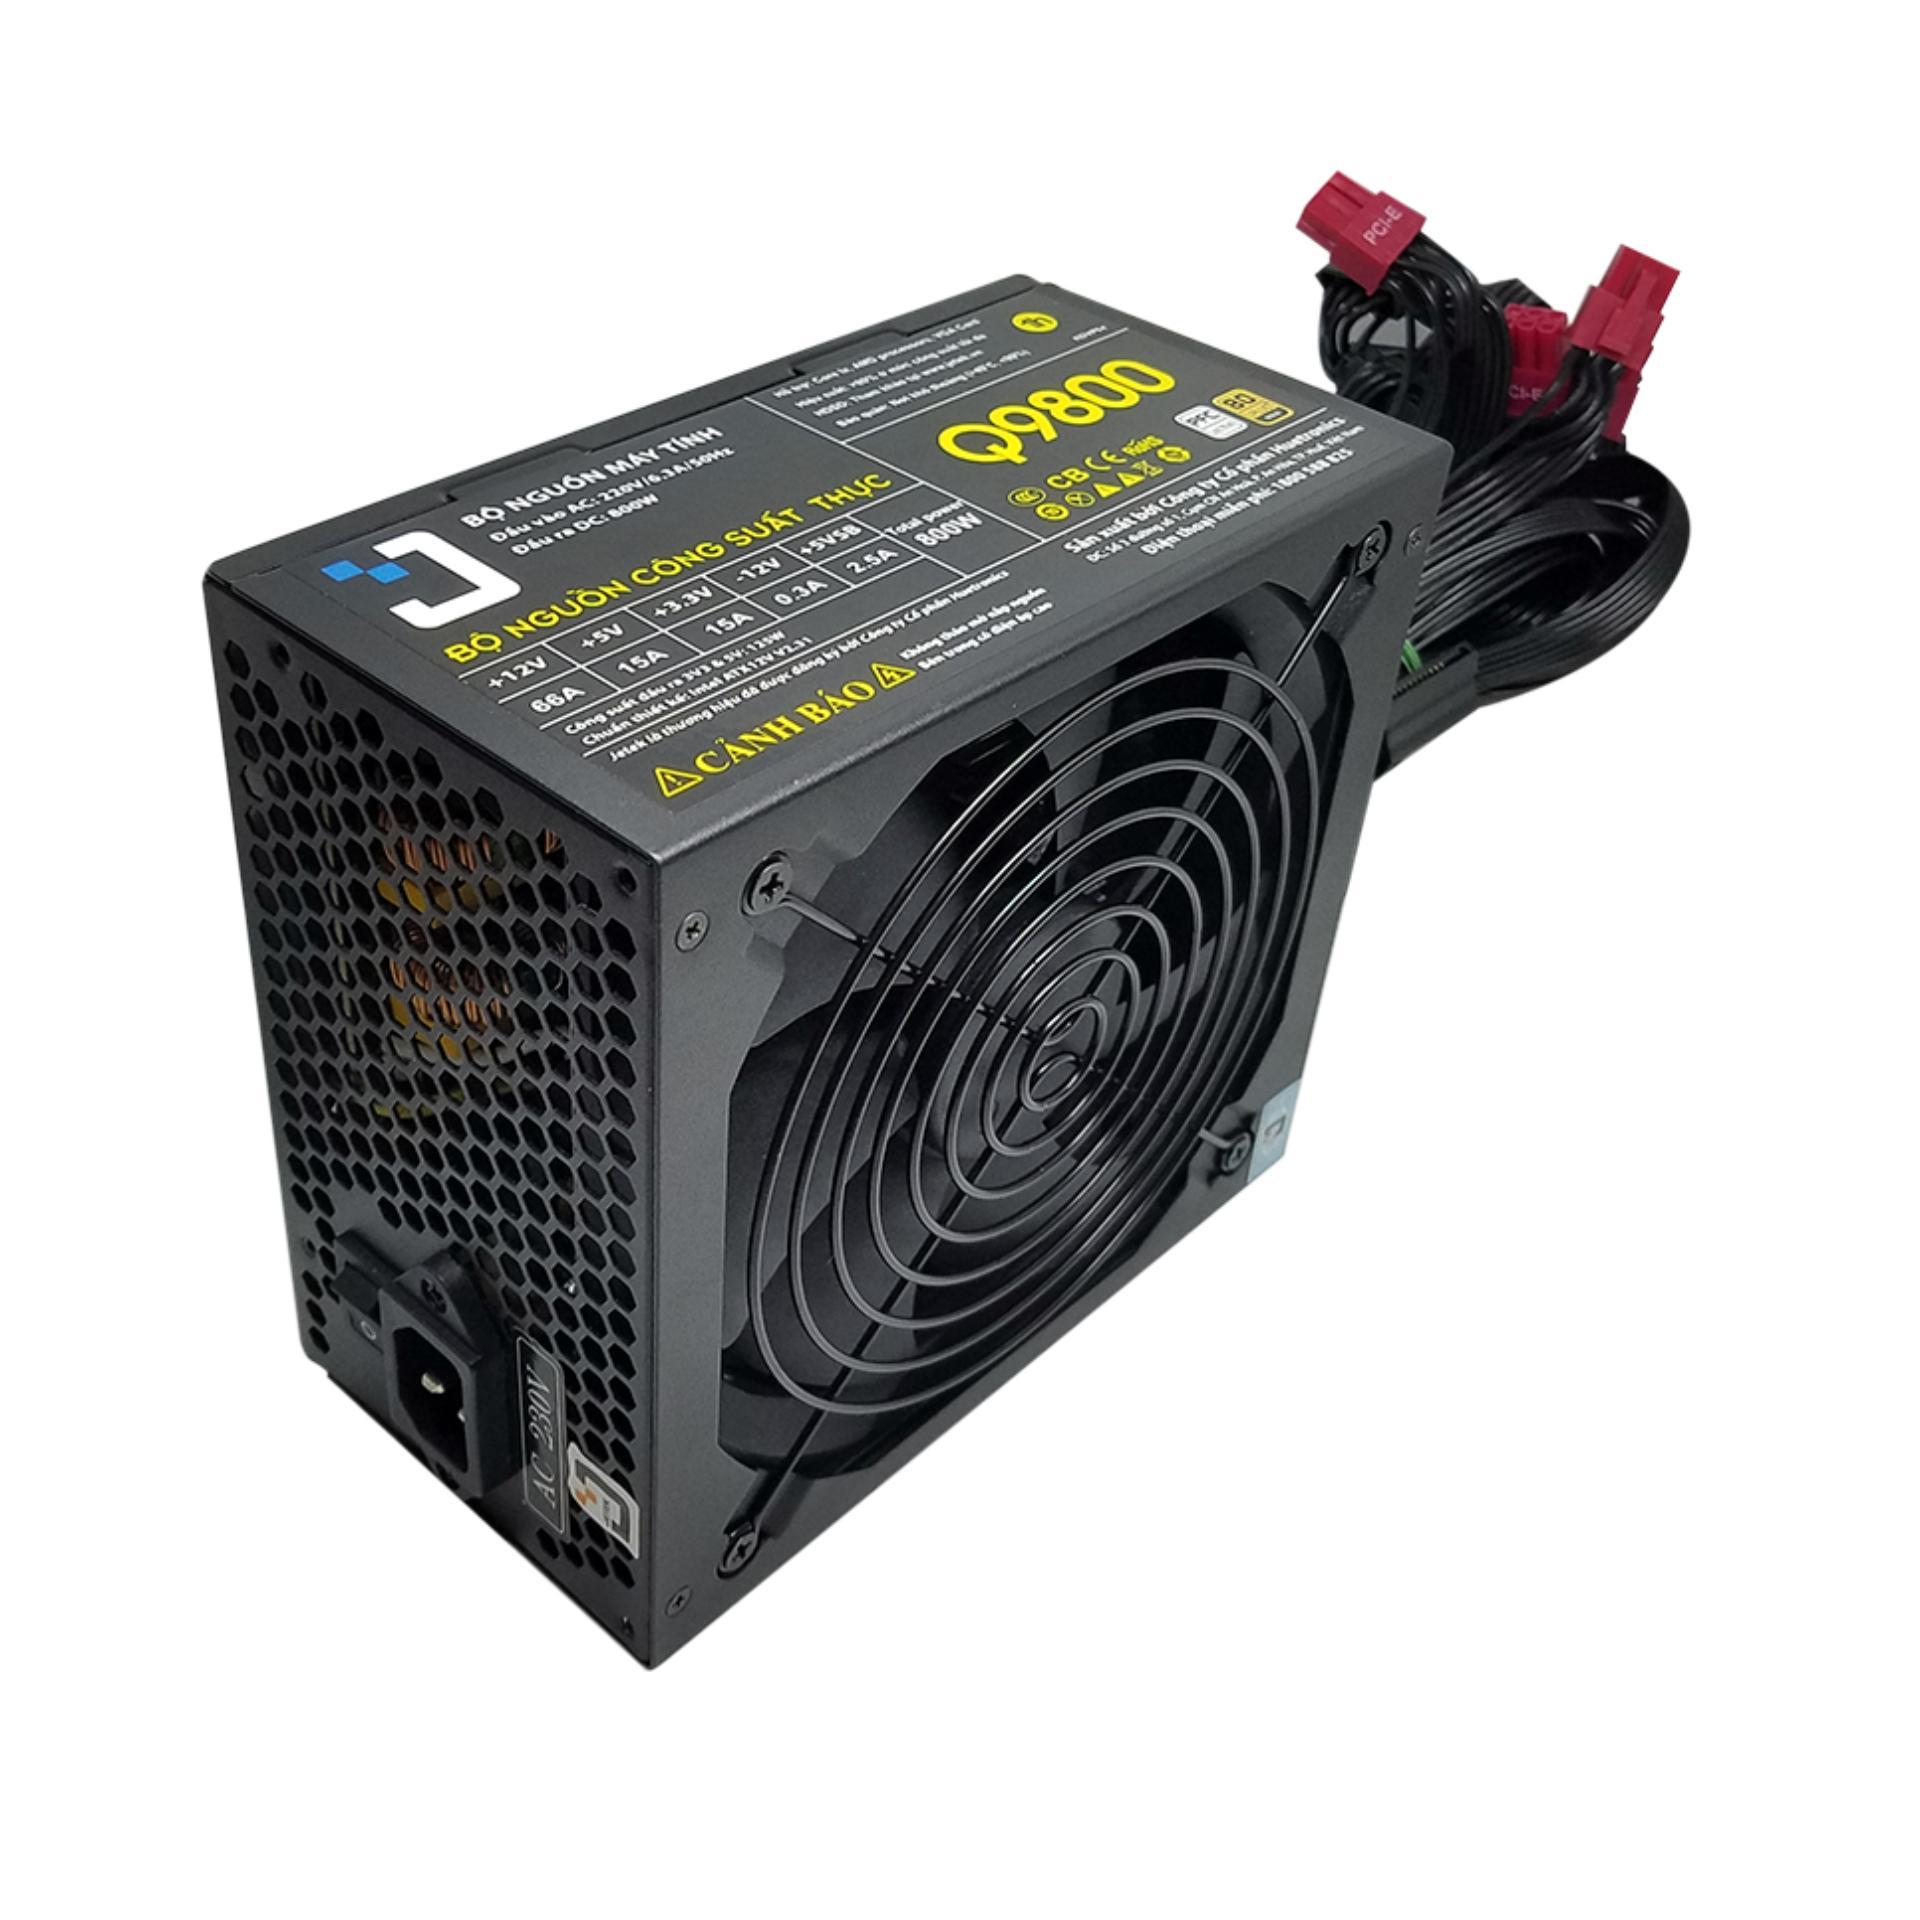 Giá Bán Nguồn Jetek Q9800 Gaming Bitcoin 80 Plus Gold Trực Tuyến